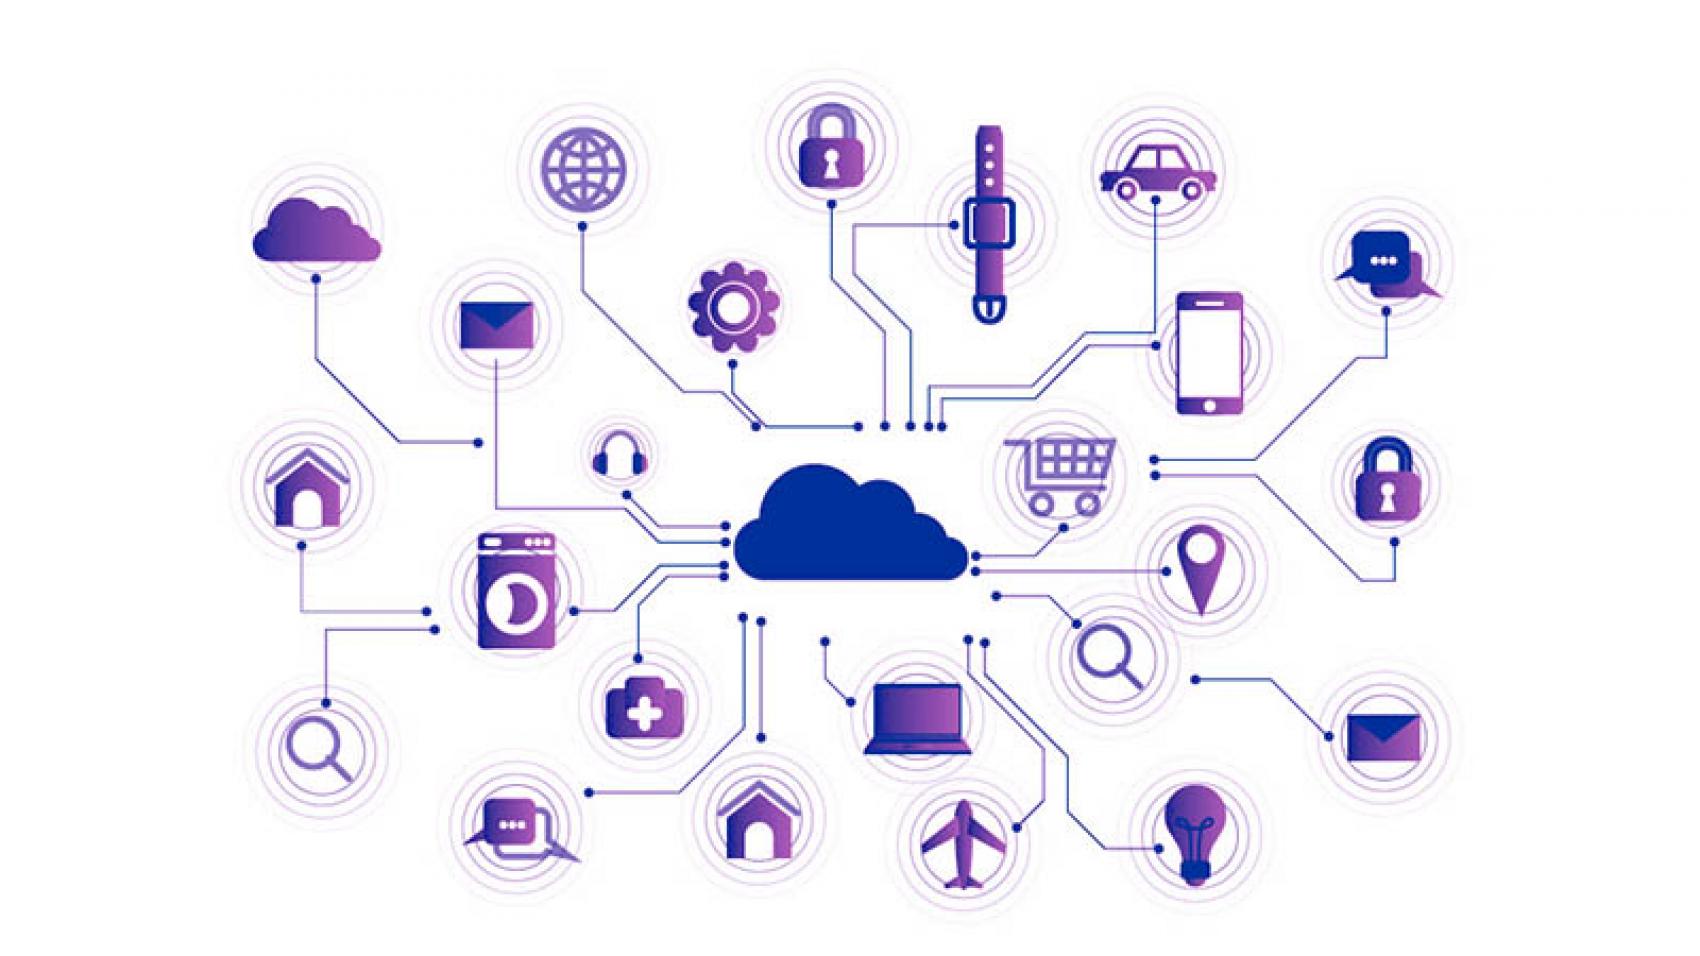 Безопасны ли интеллектуальные устройства и приложения на основе интернета вещей